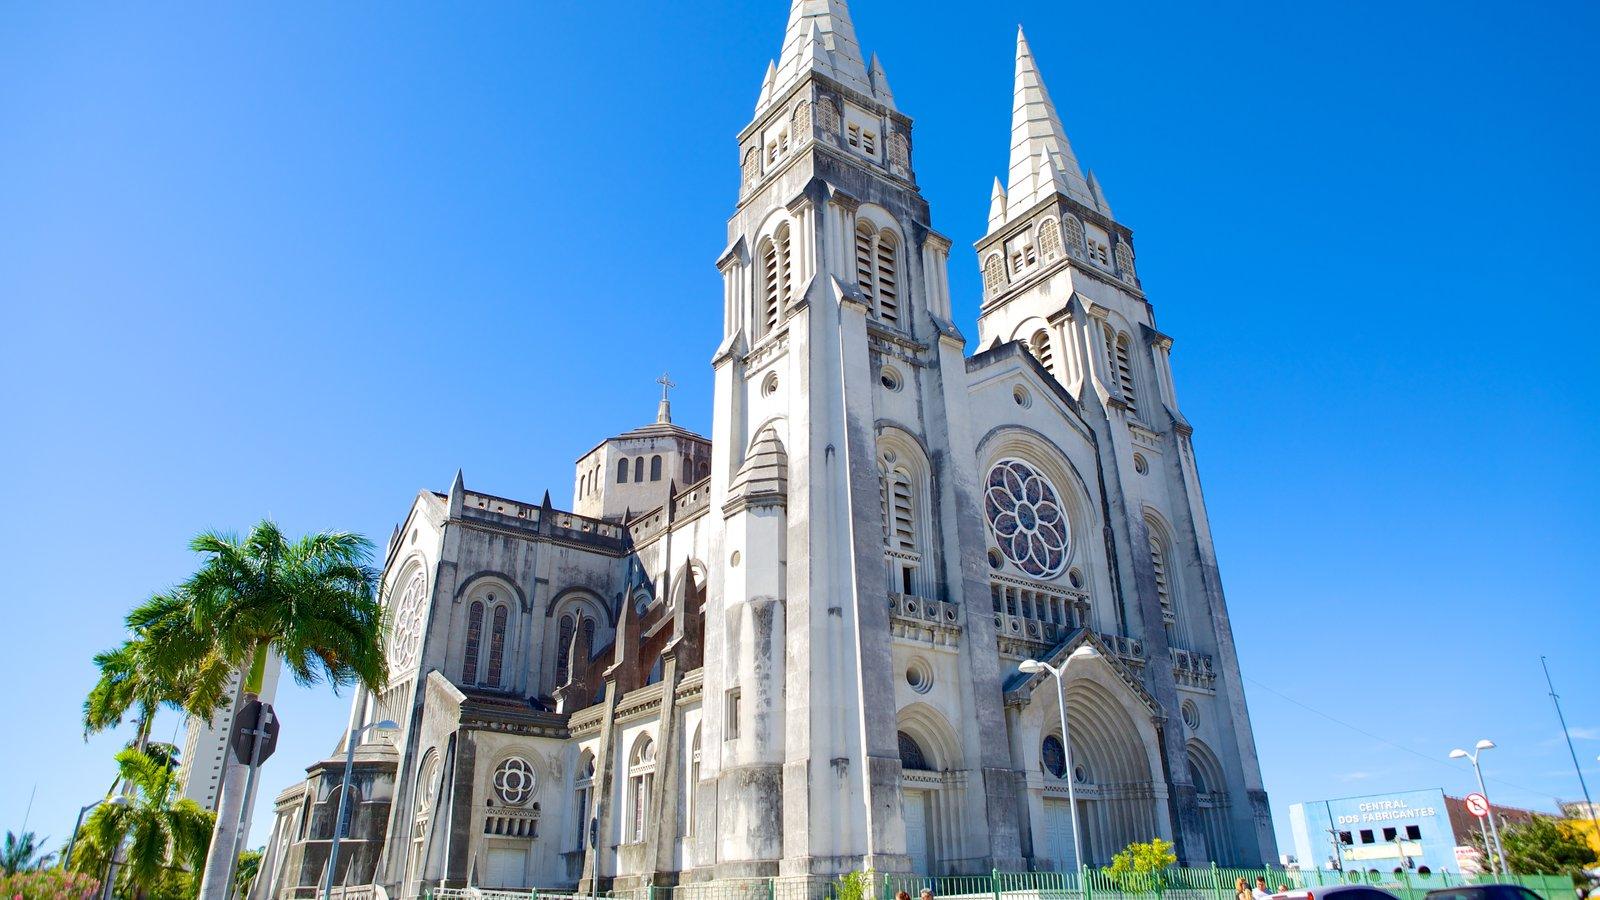 Catedral da Sé que inclui aspectos religiosos e uma igreja ou catedral